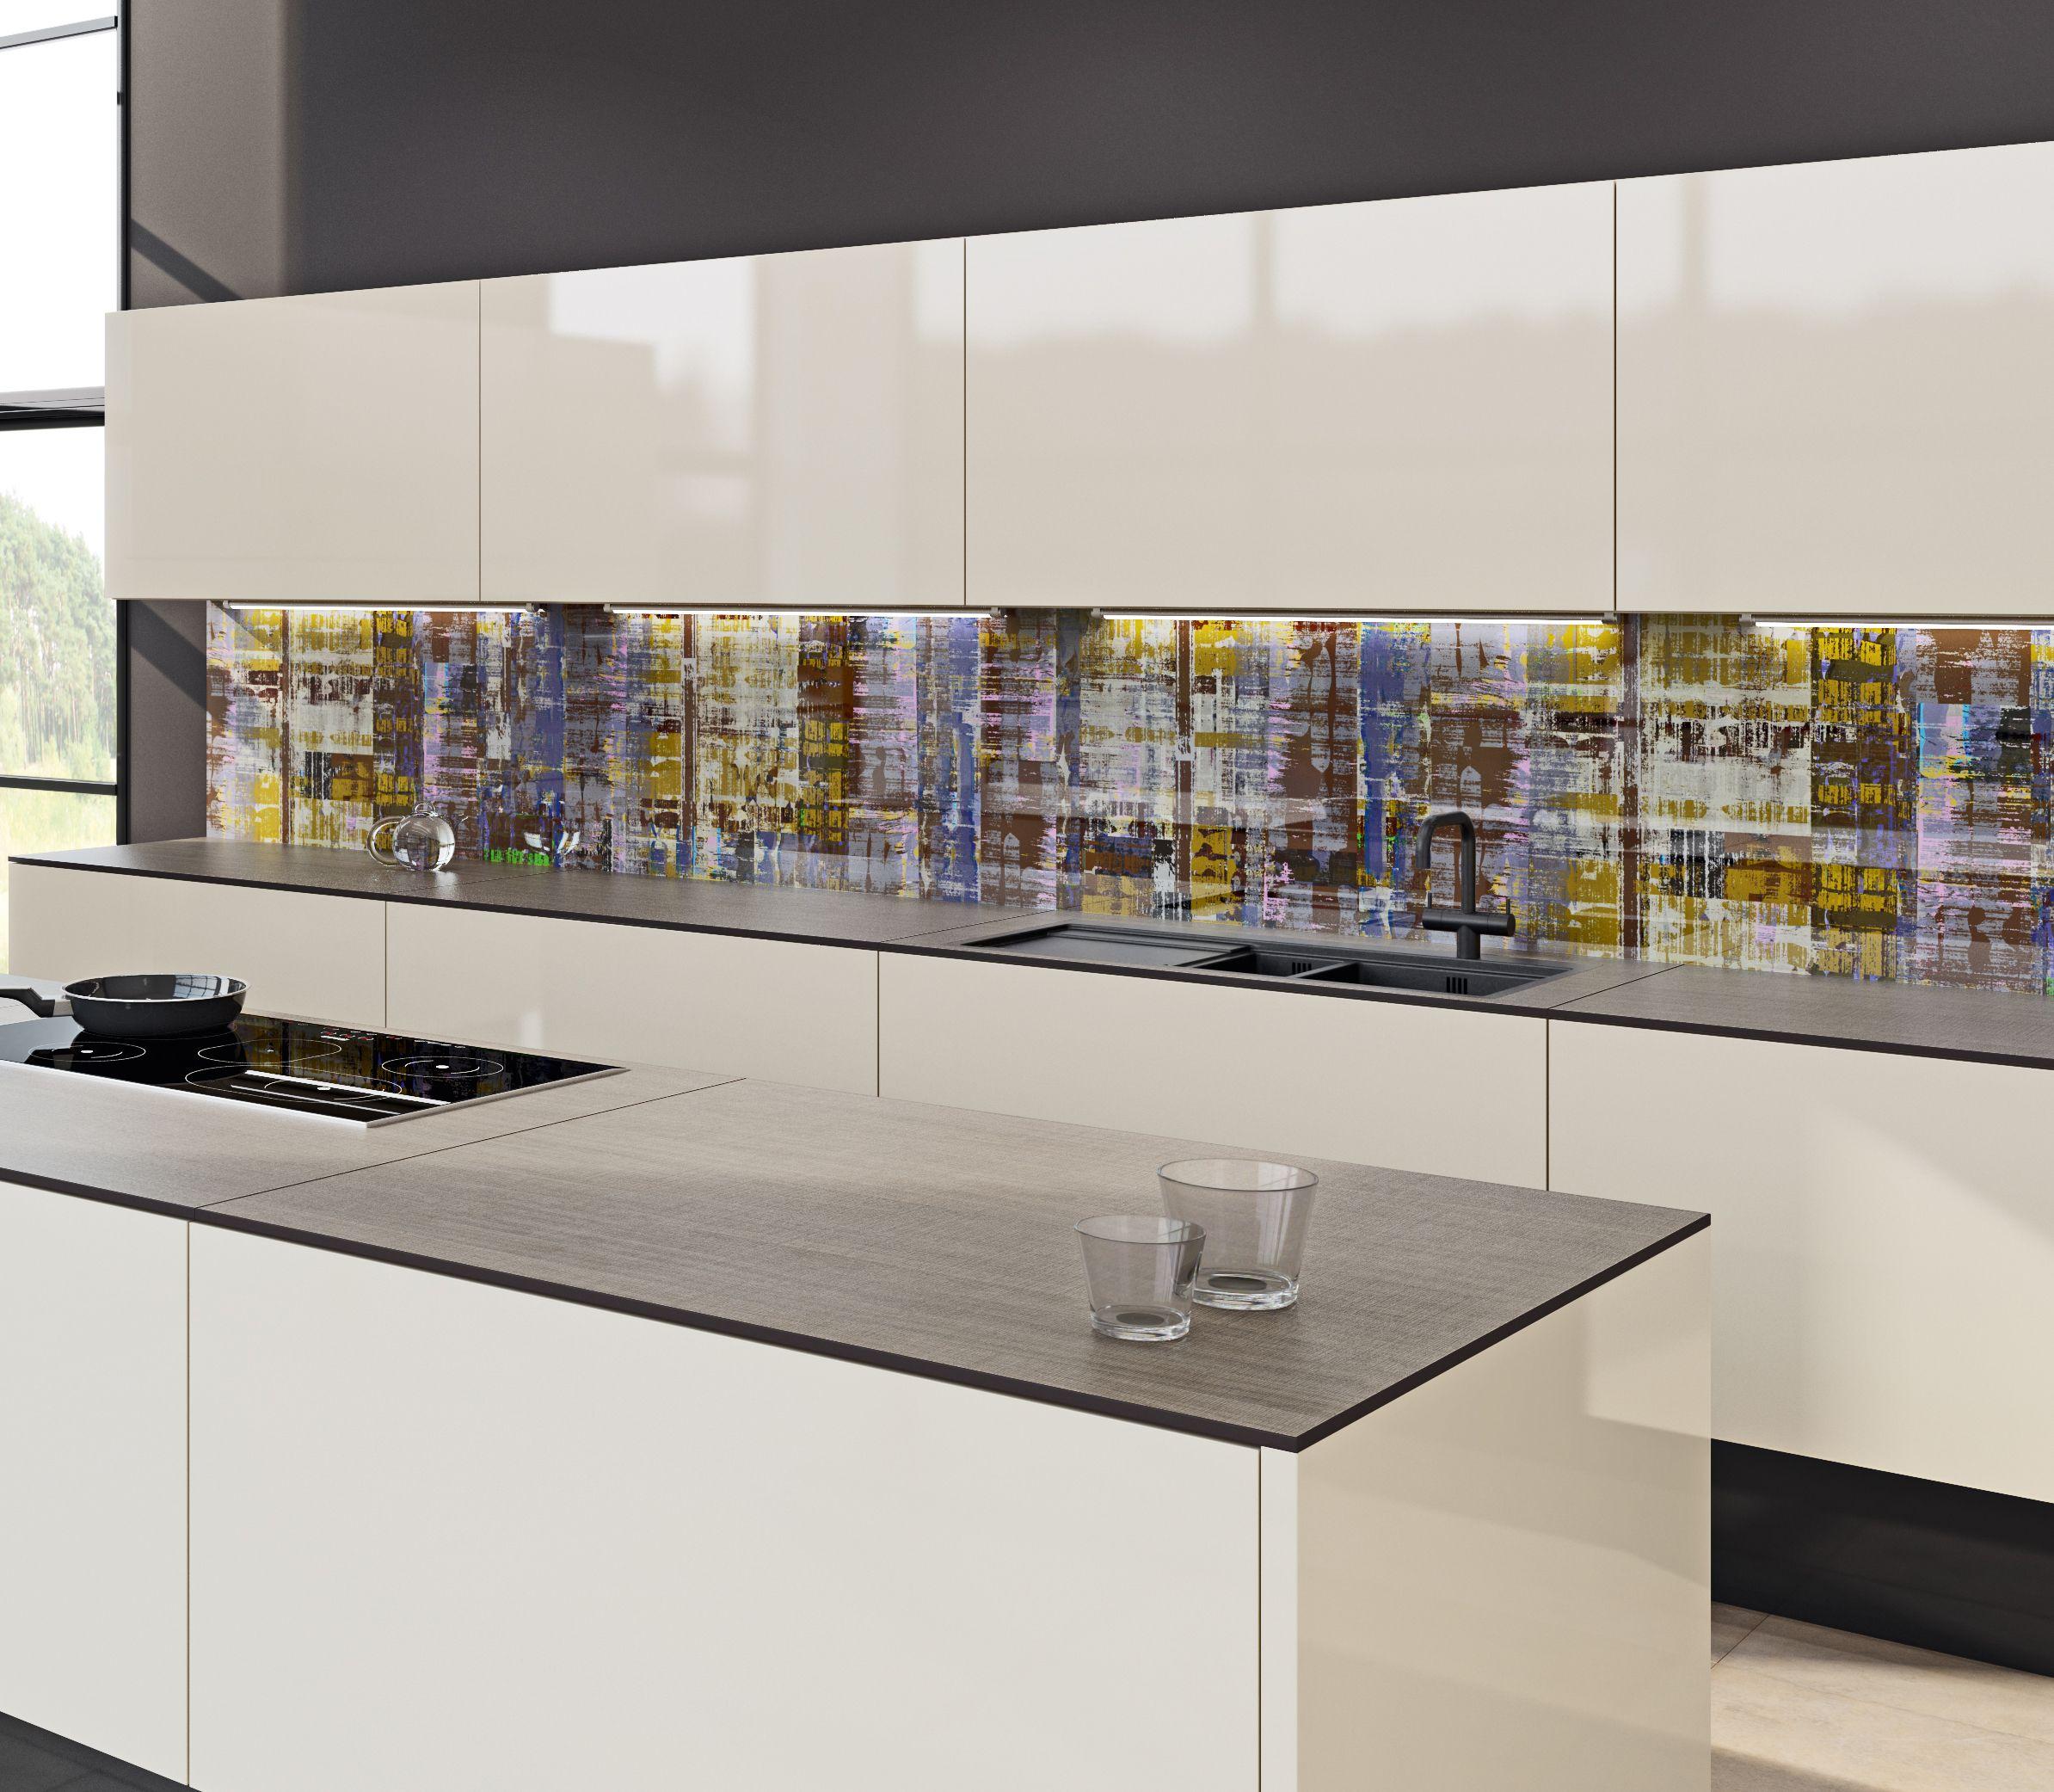 Pin von Lechner auf Rückwände und Glasbilder für die Küche ...